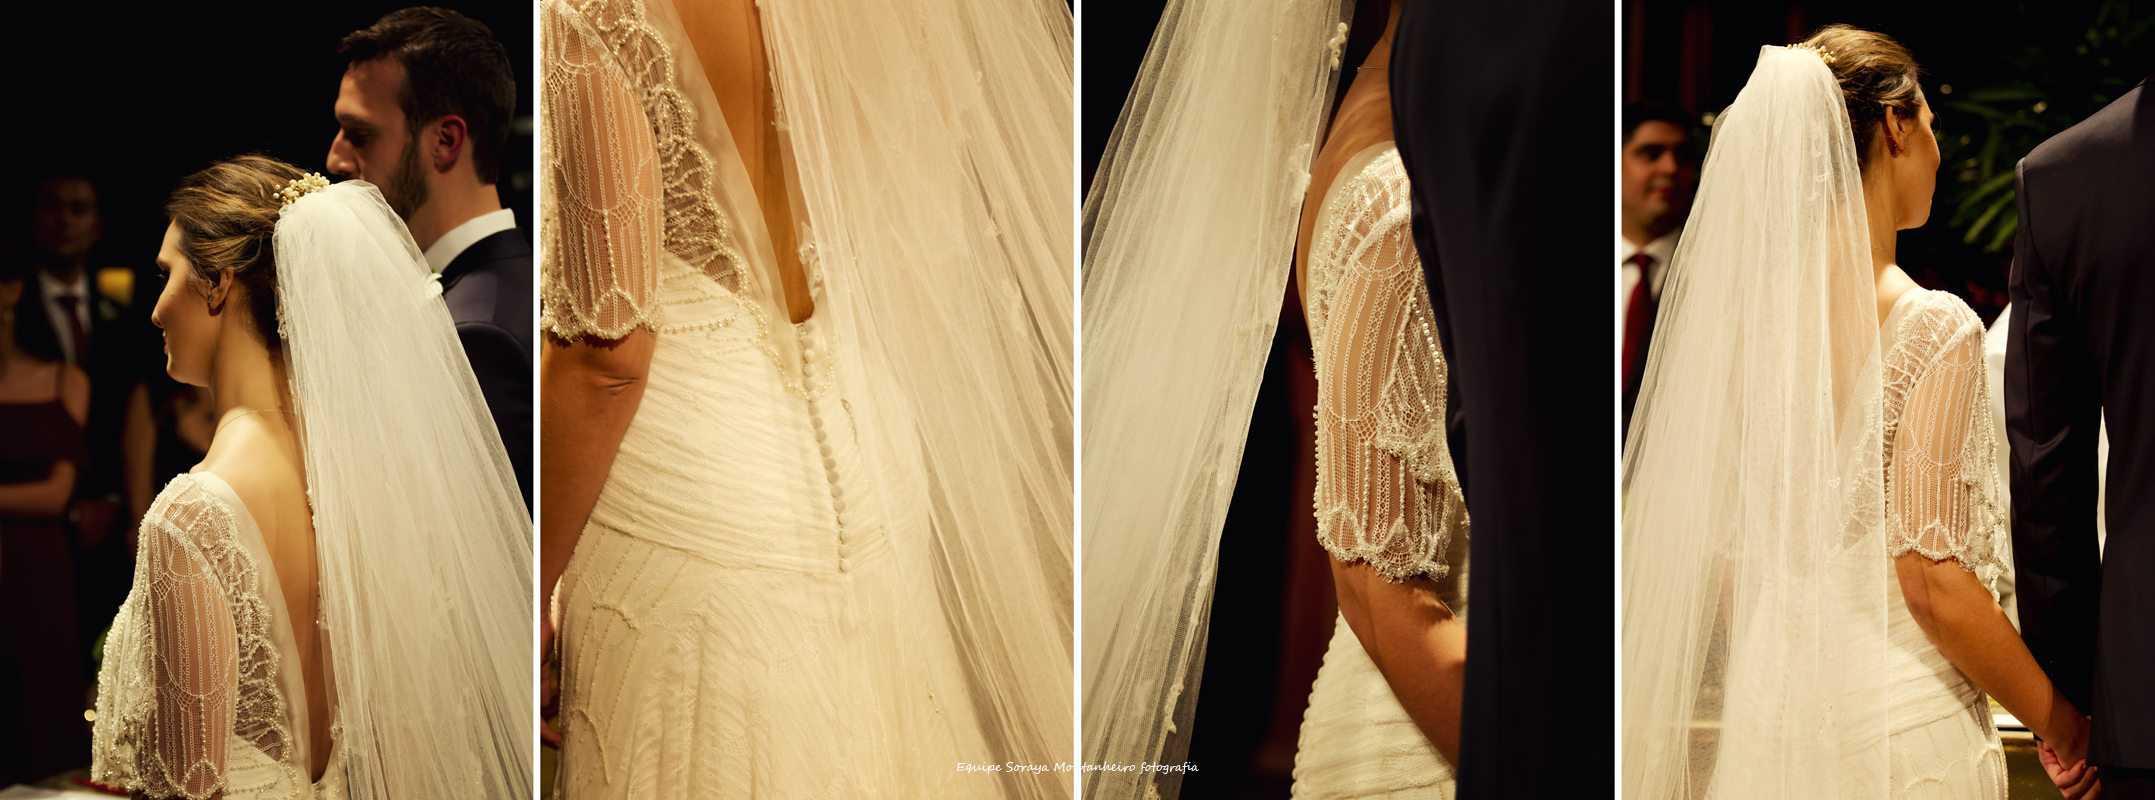 Casamento-Mayra-e-Marcos-caseme-54